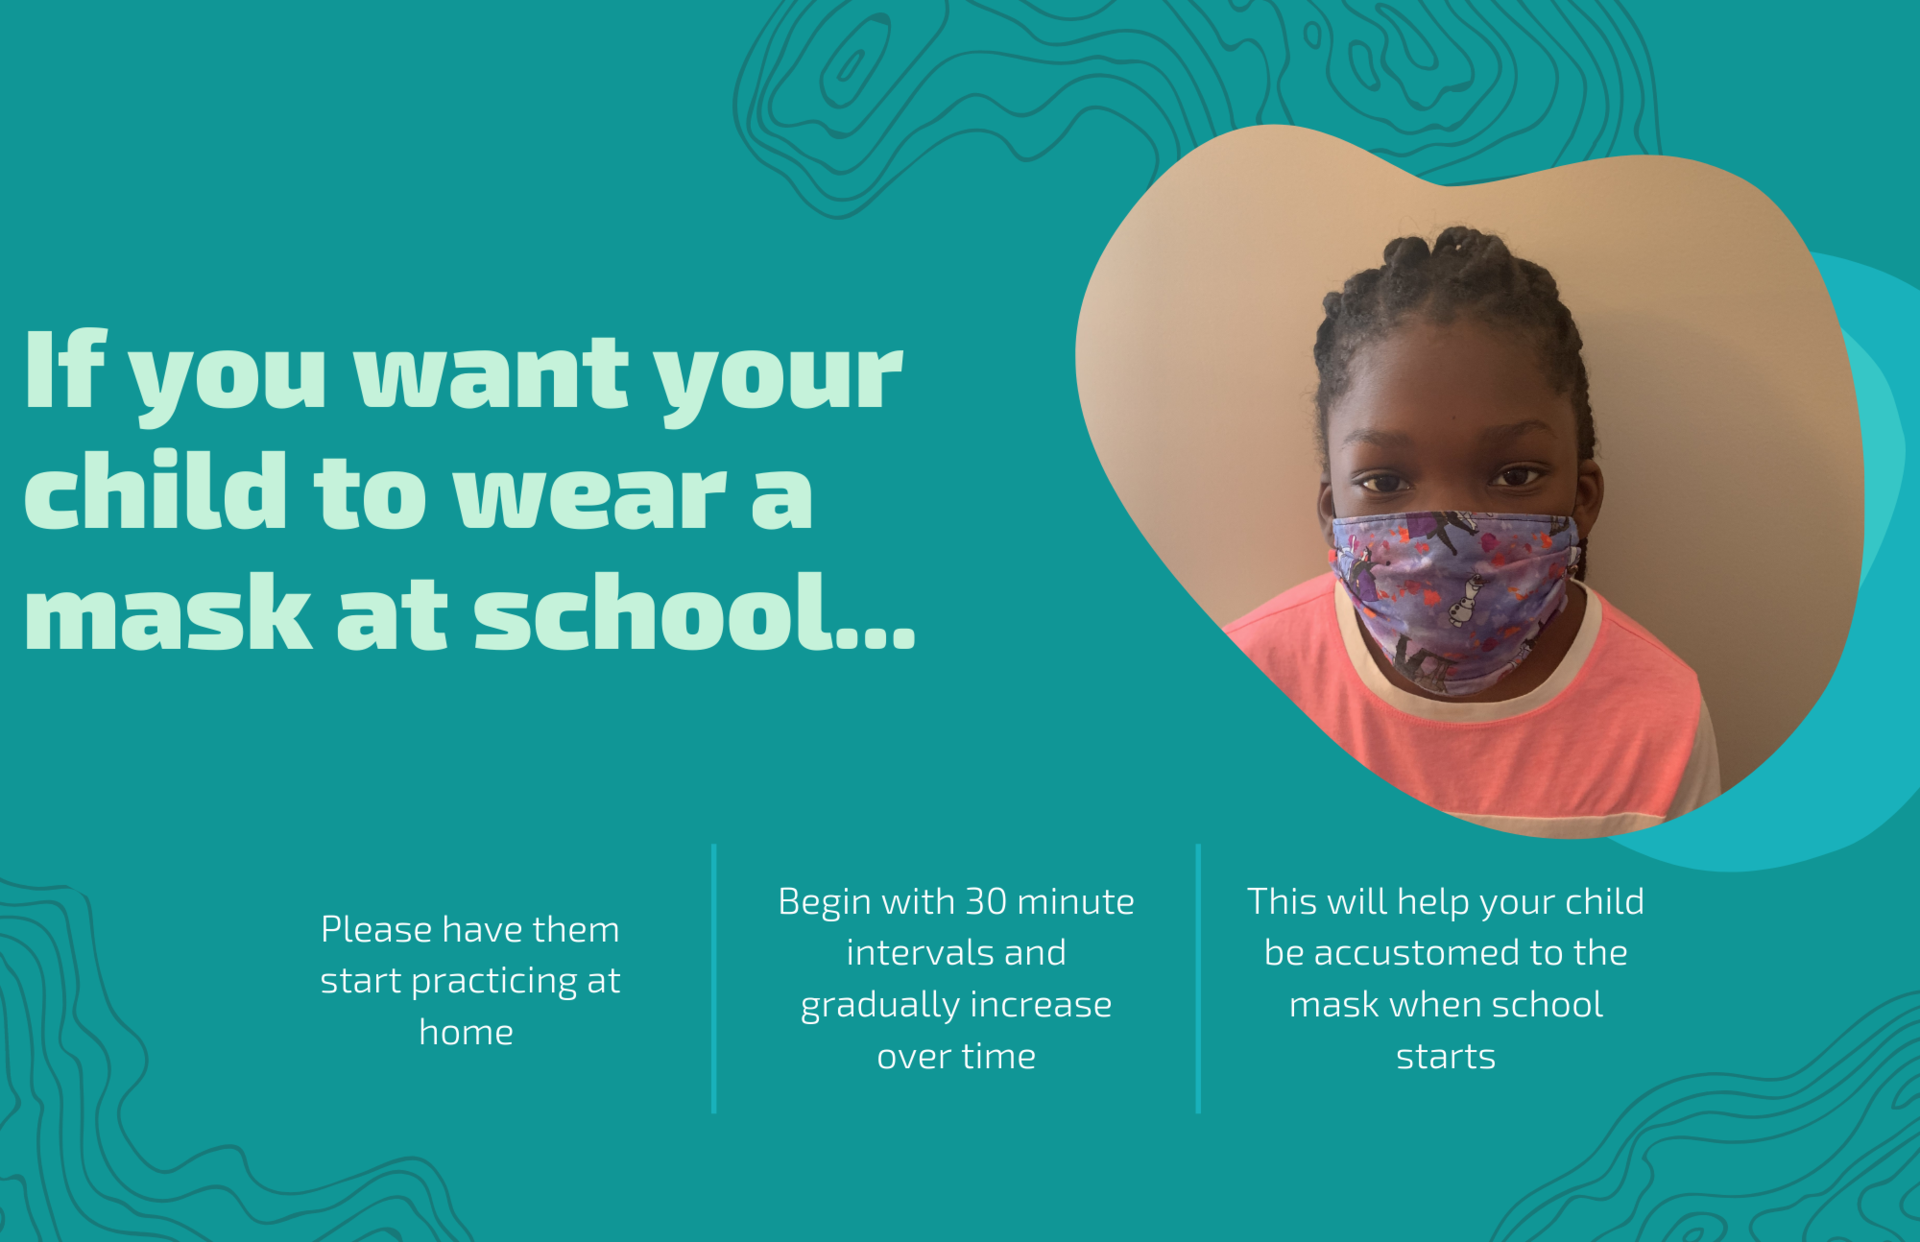 Child wearing mask